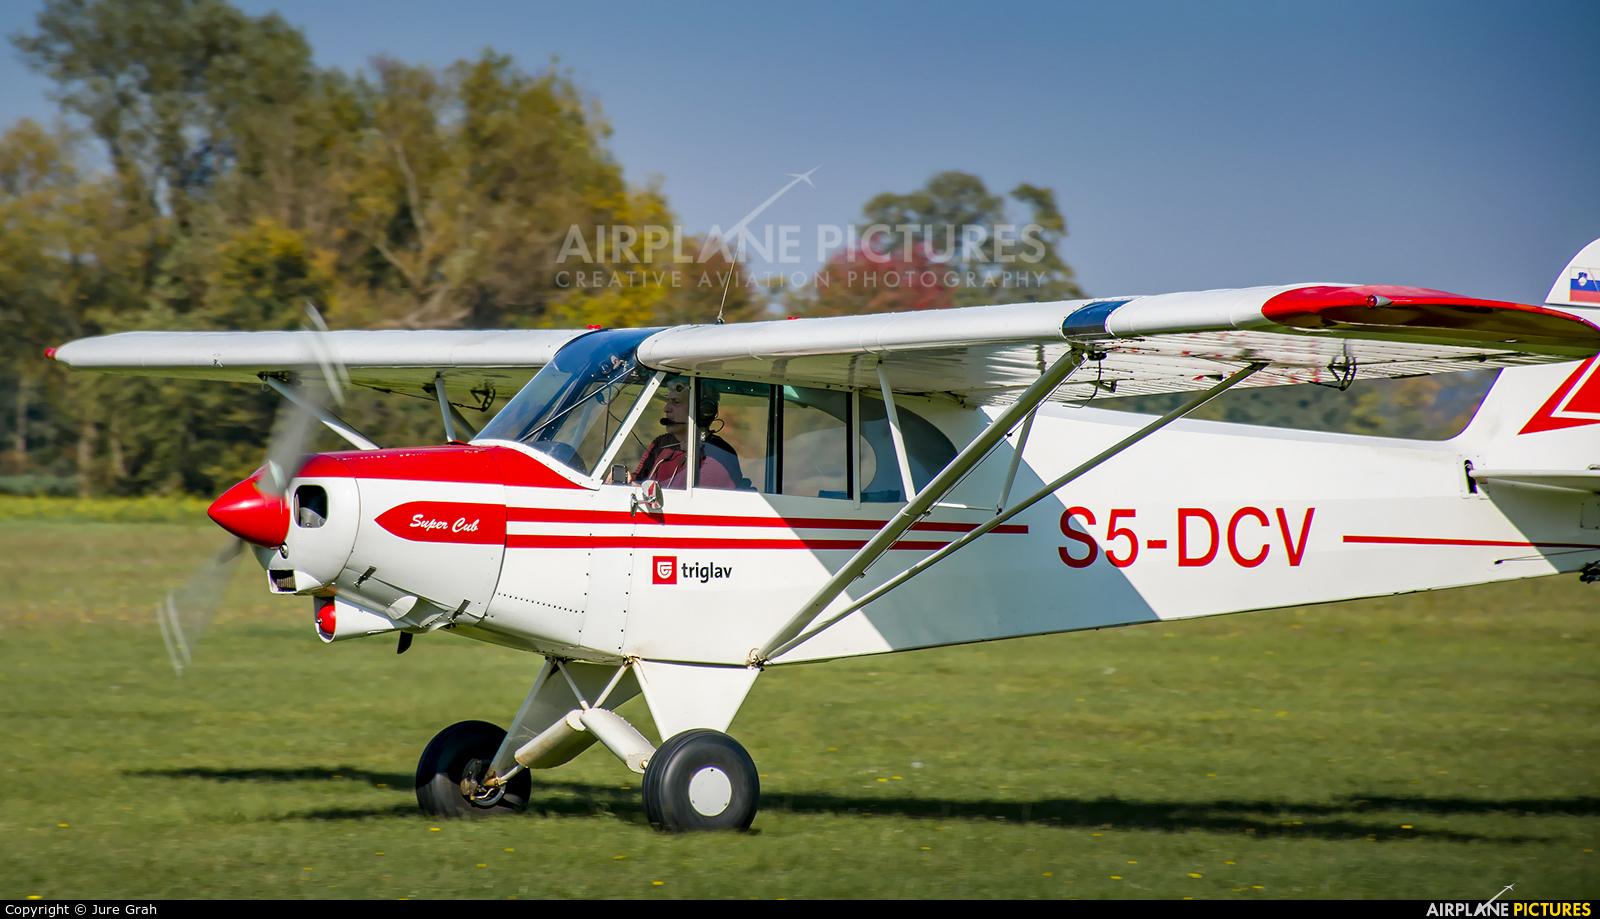 Aeroklub Murska Sobota S5-DCV aircraft at Murska Sobota